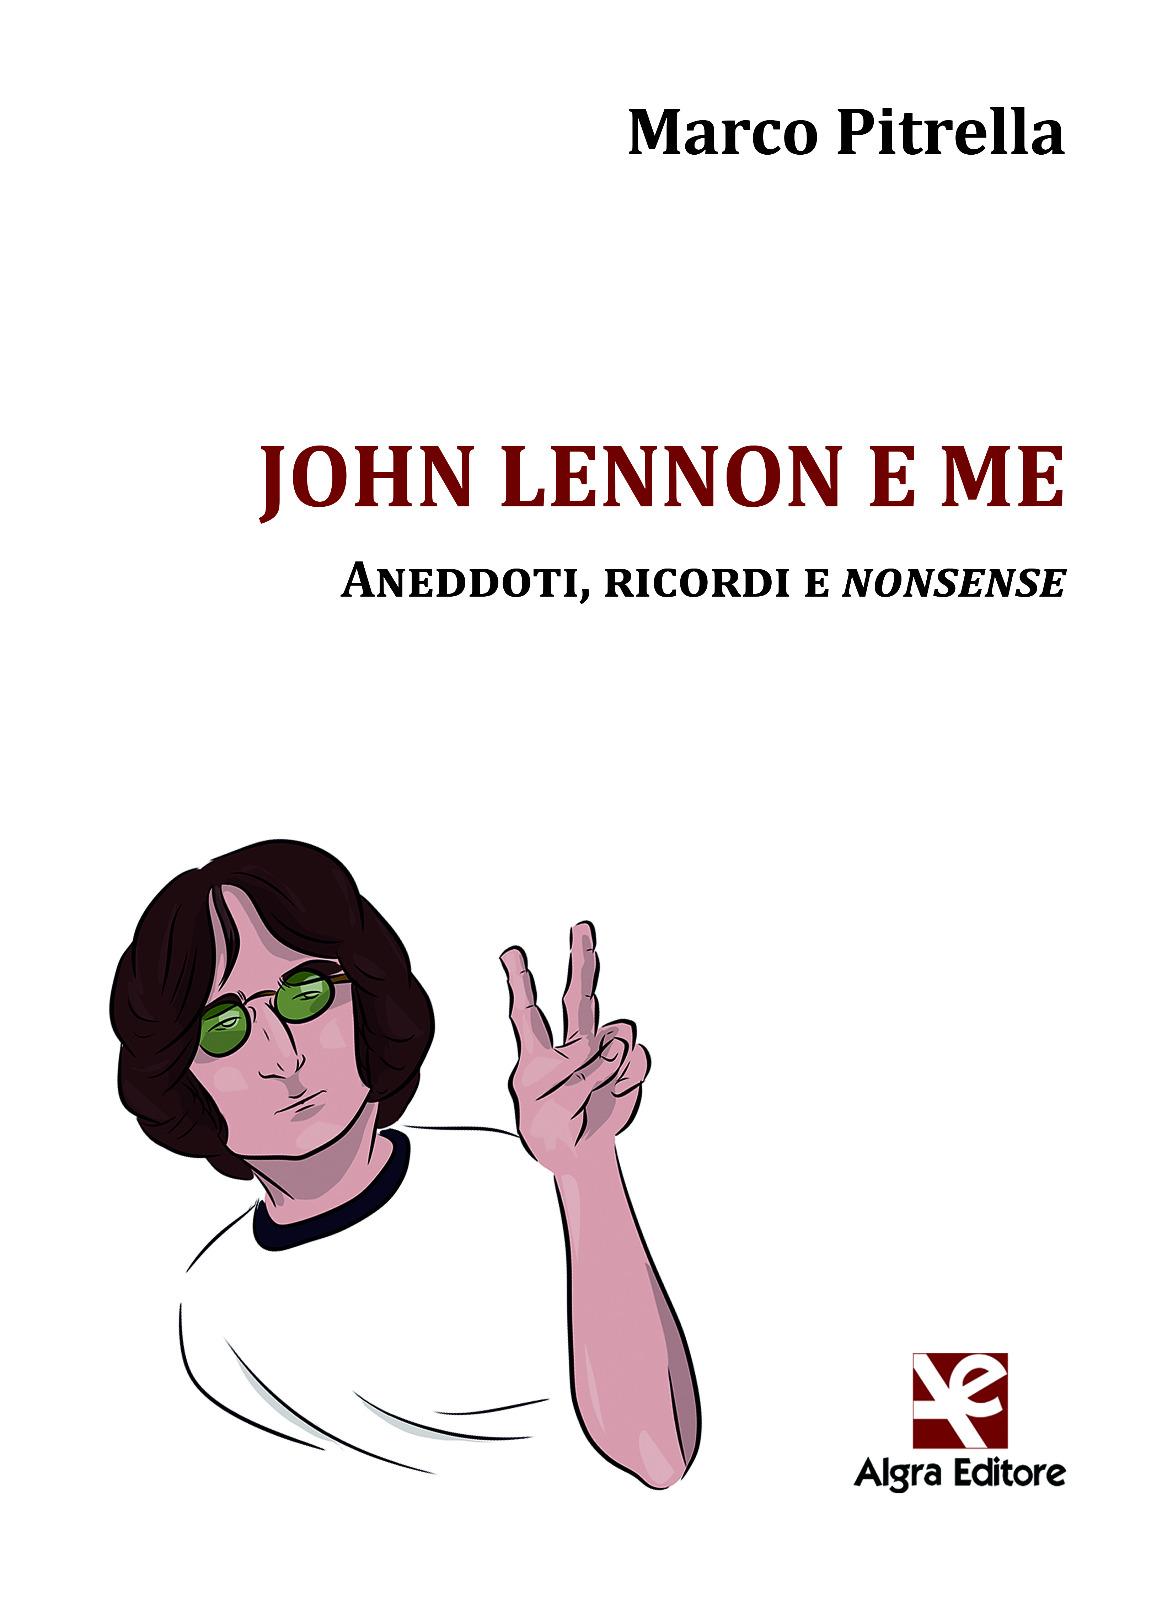 Clicca sulla cover per acquistare il libro di Marco Pitrella in anteprima